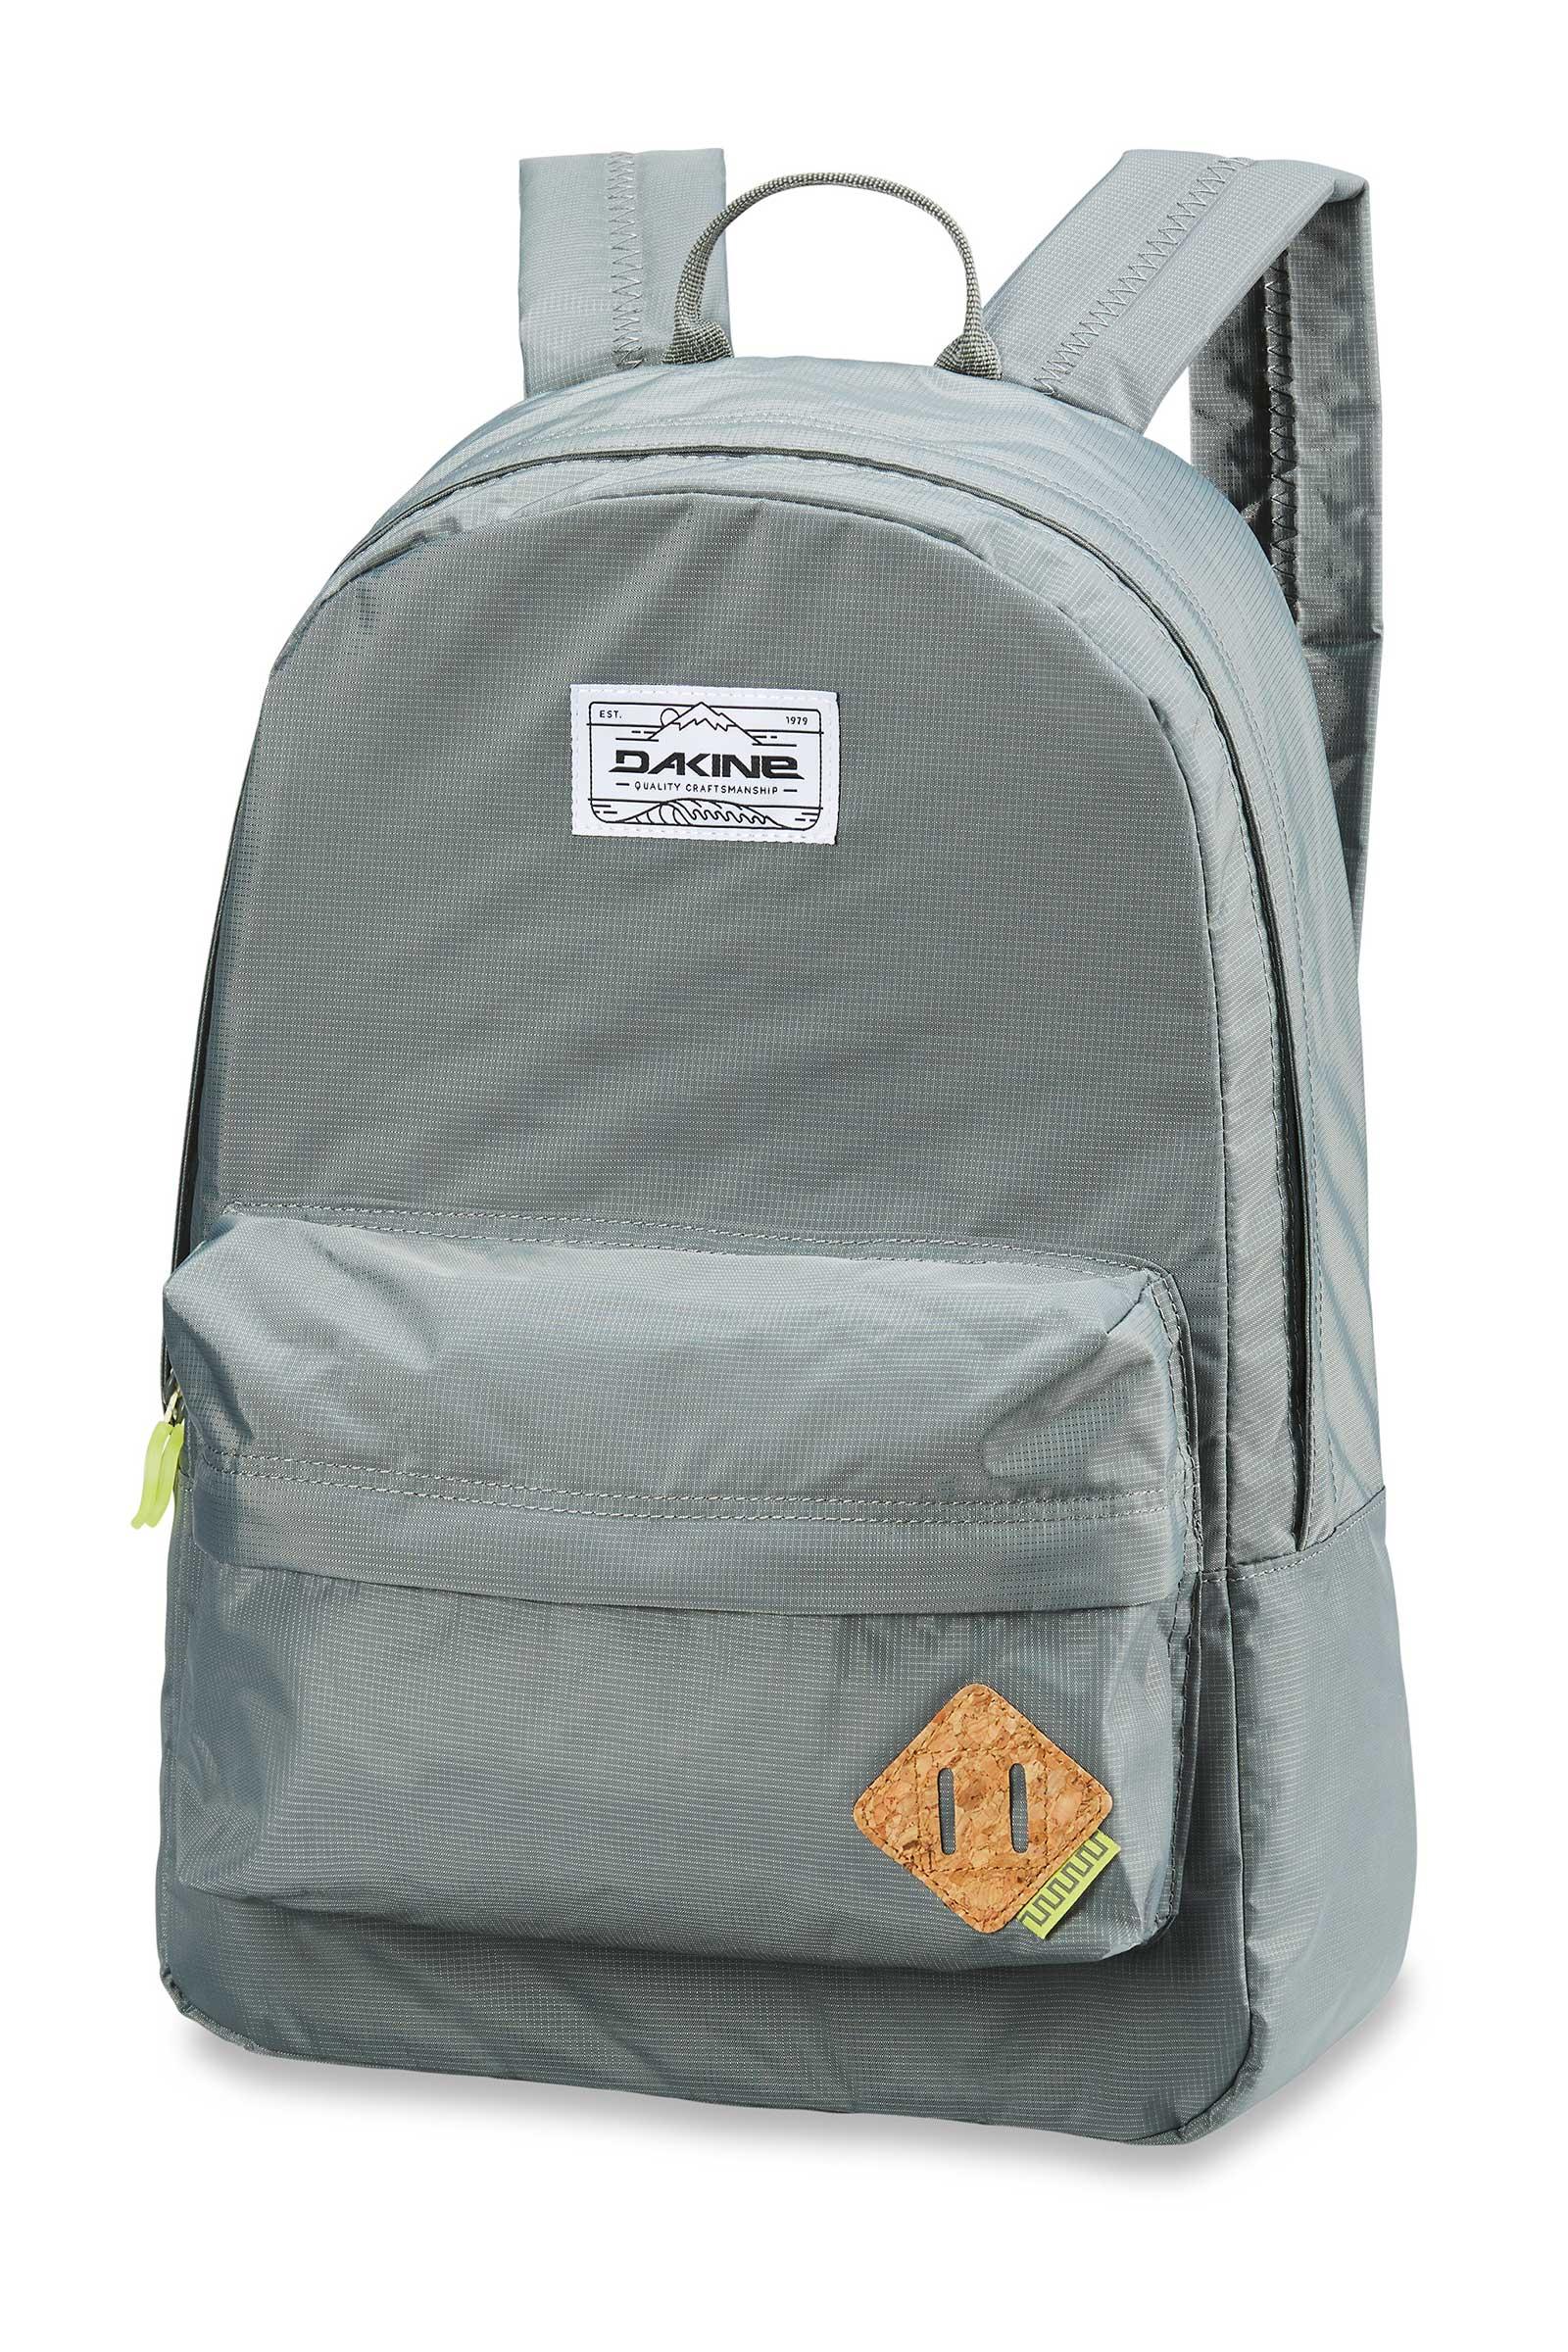 7e589ea4ec Dakine Backpack 365 Pack 21L Slate